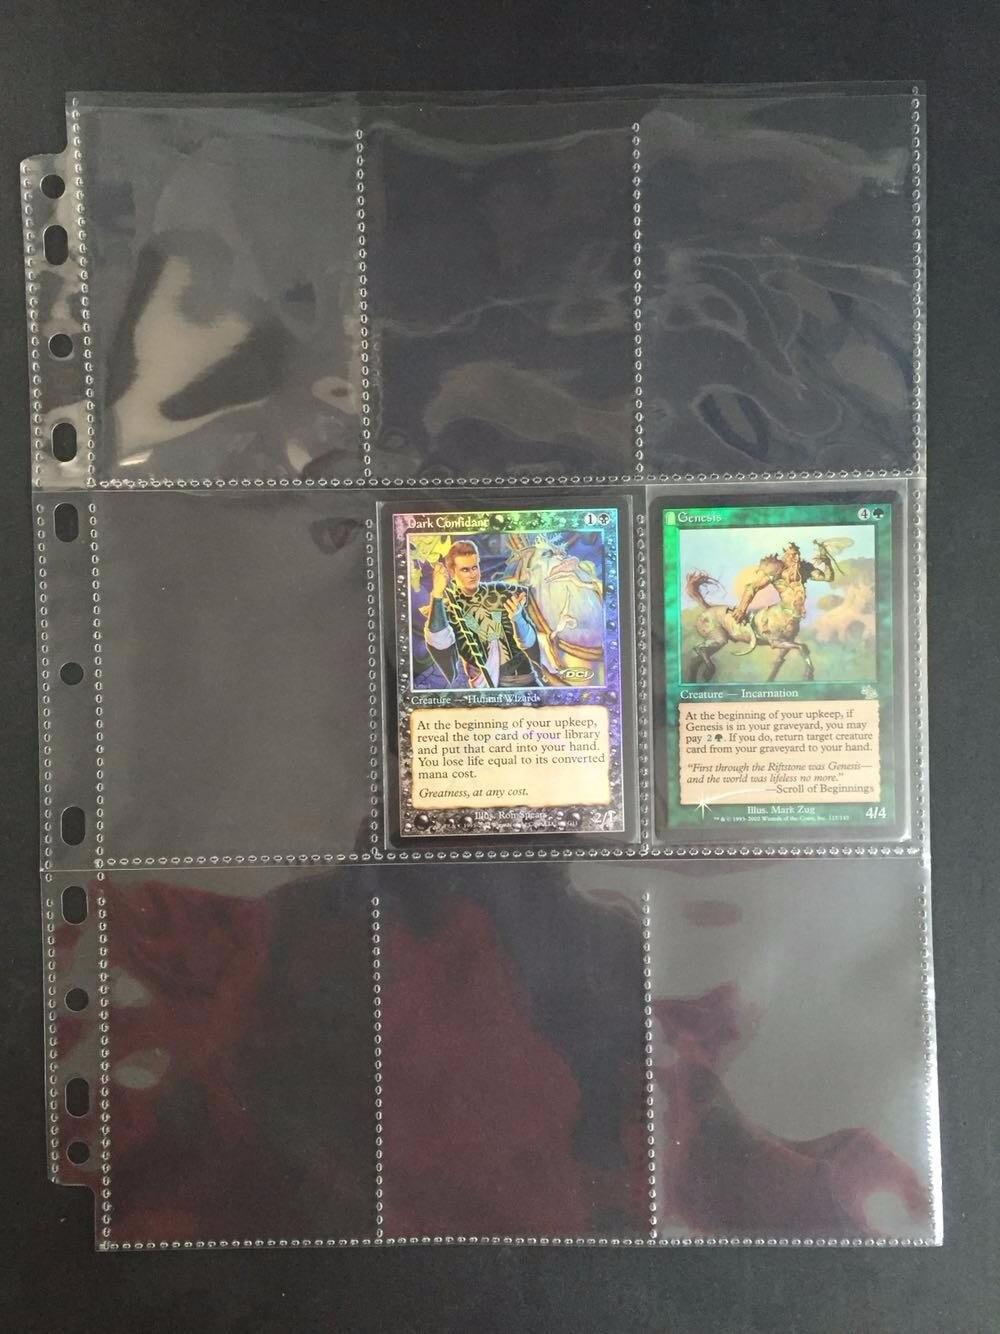 10-80 páginas 9 hojas juego de mesa tarjetas transparentes Página de comercio tarjeta protector la colección mágica recolección transparente Página de bolsillo